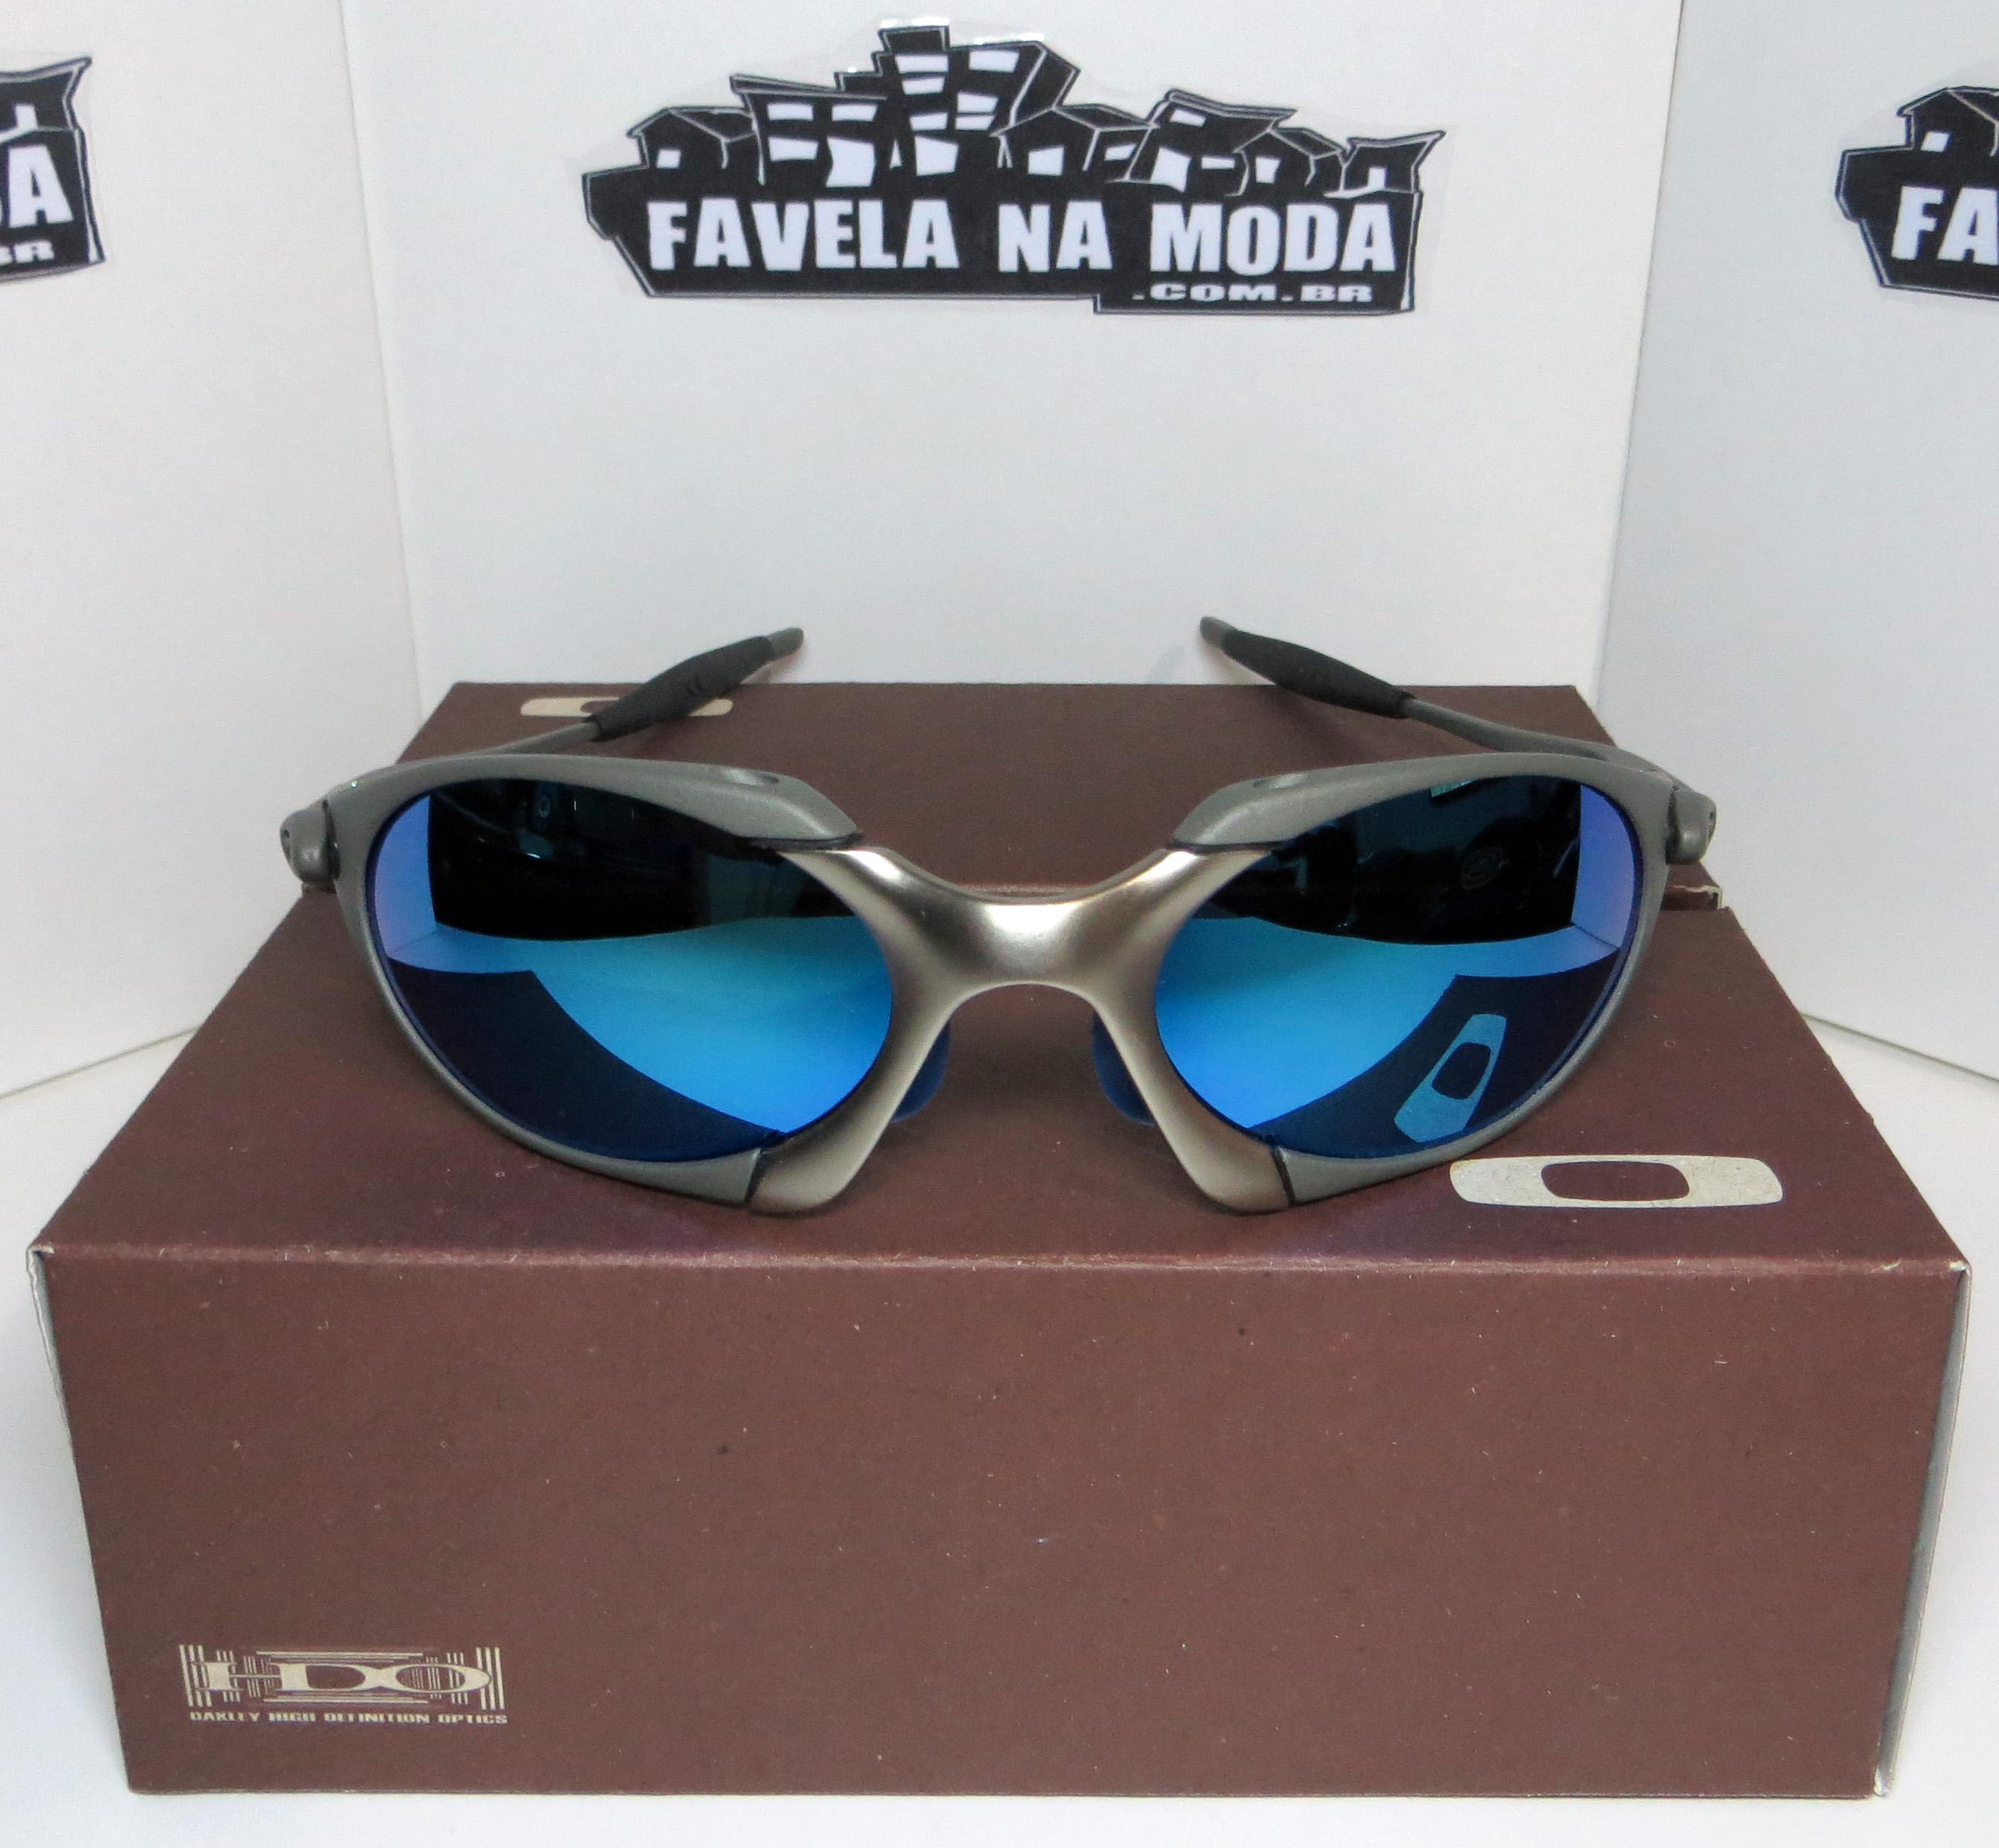 Óculos Oakley Romeo 1 - Tio 2 - X-Metal e Plasma   Ice Thug   Borrachinhas  Pretas f0e03739a2